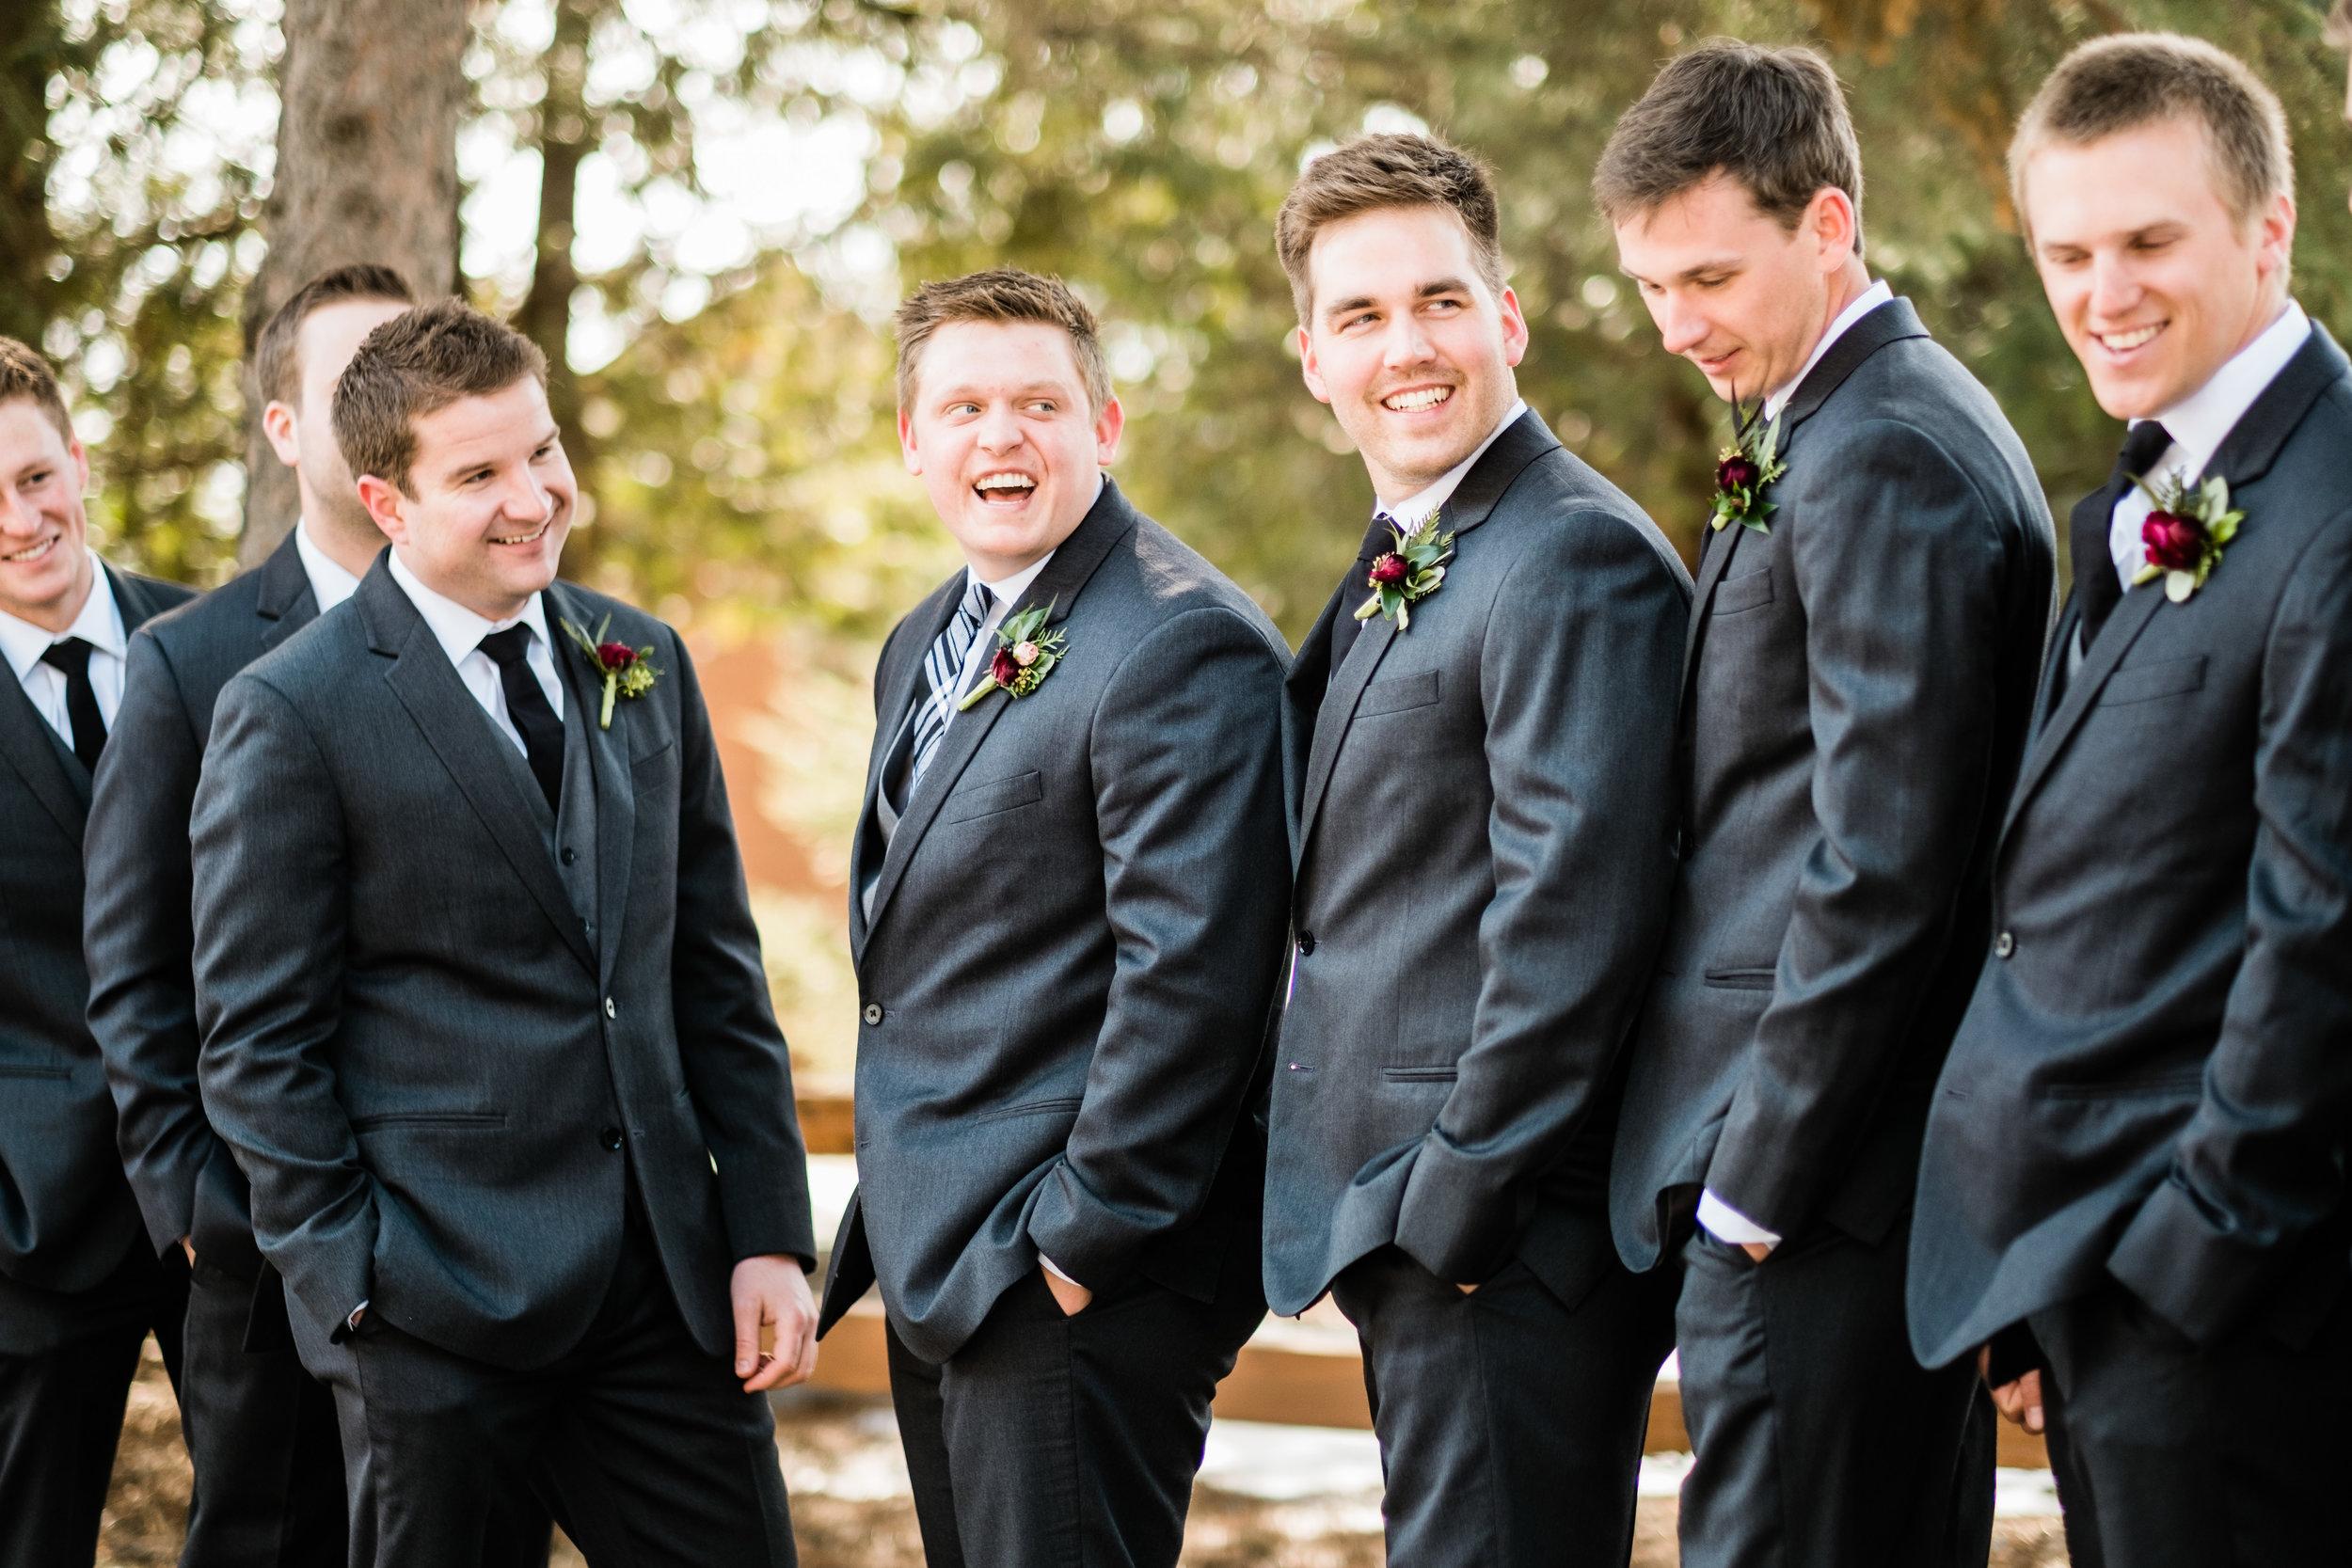 brainerd wedding photographer outdoor wedding at pine peaks